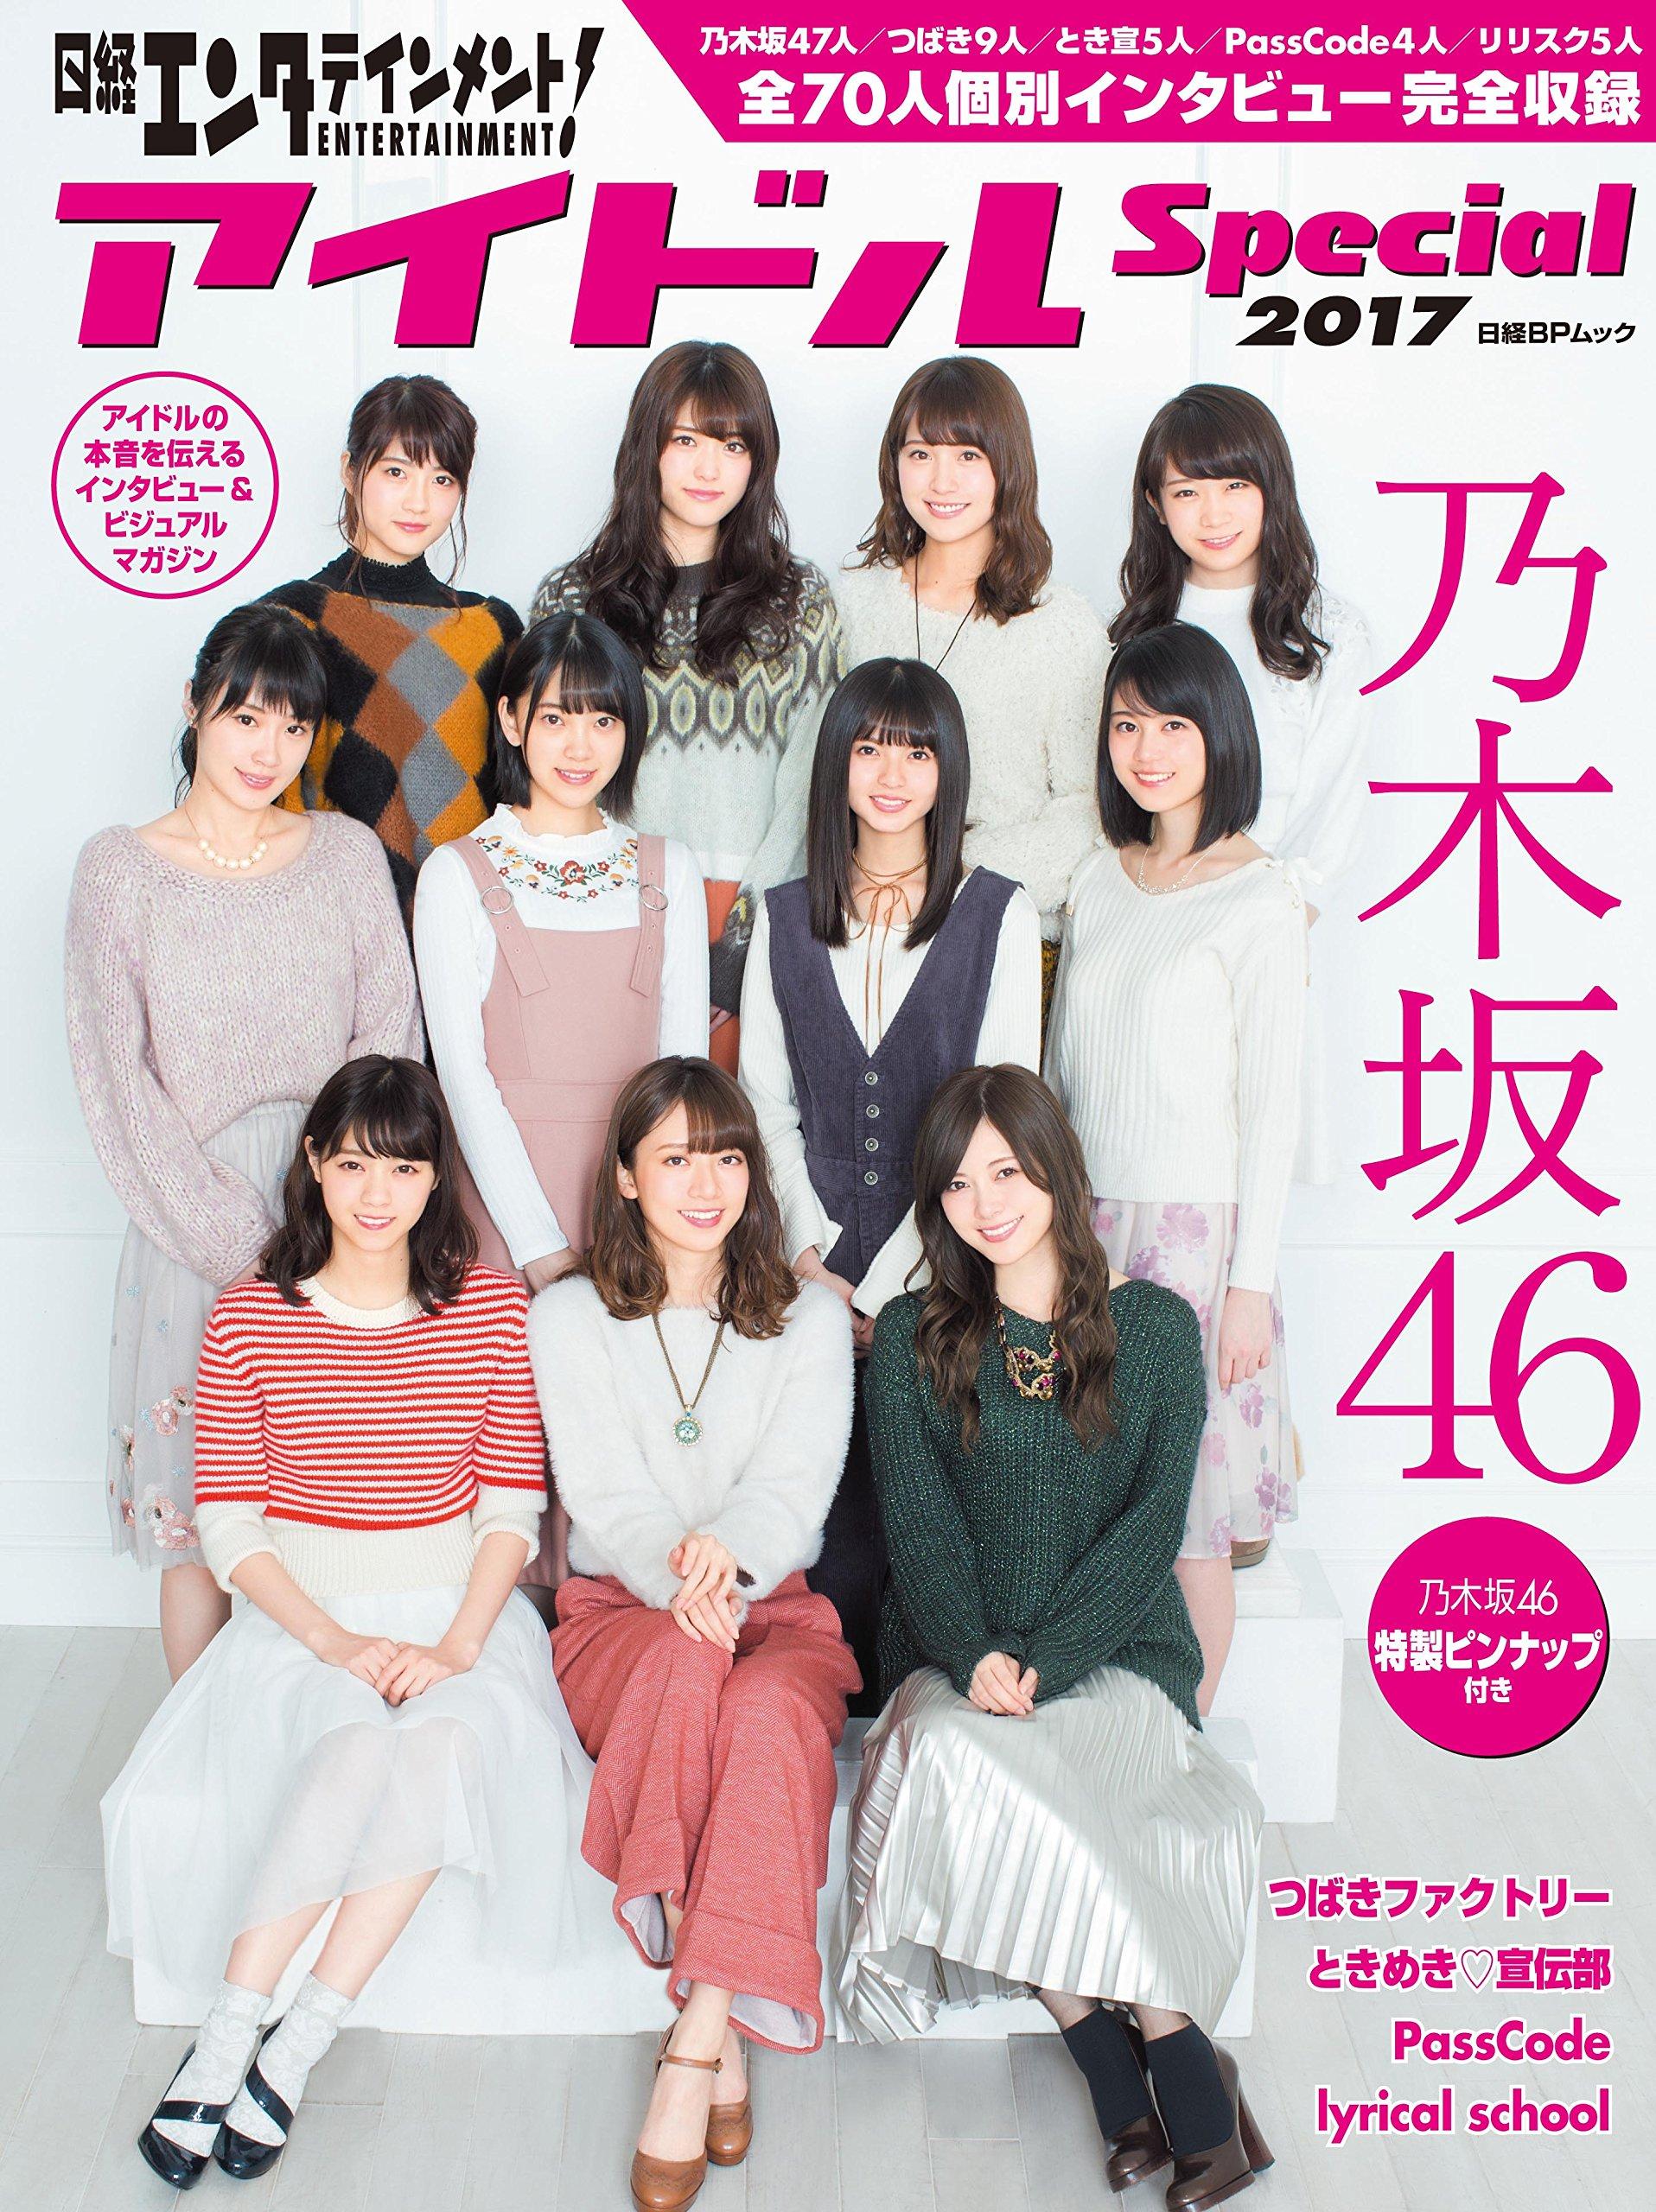 日経エンタテインメント2017アイドル乃木坂4620161229